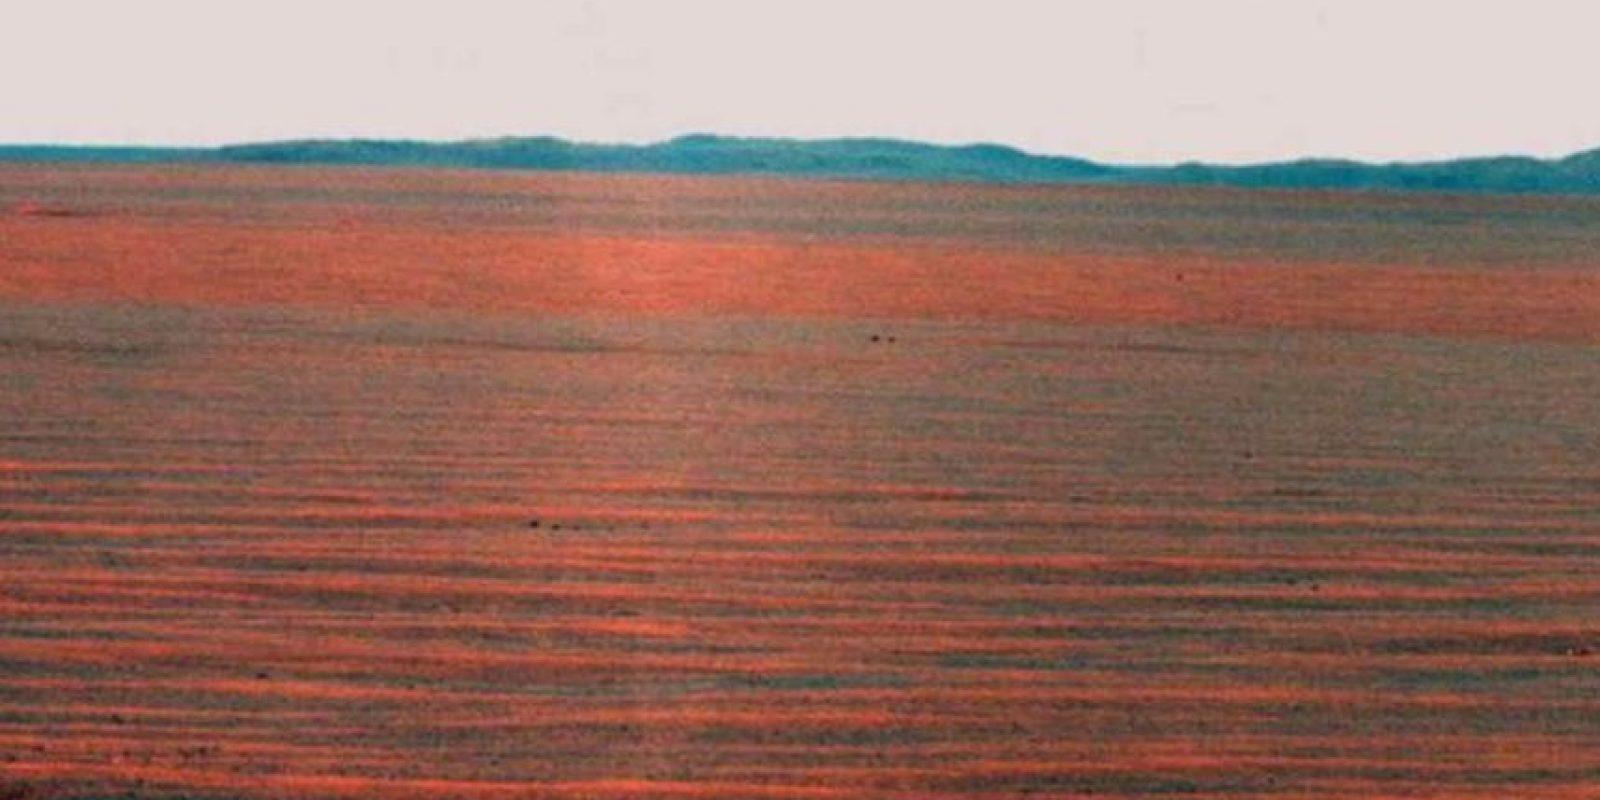 La Antártida es lo más parecido a Marte que conoce el ser humano. Foto:NASA